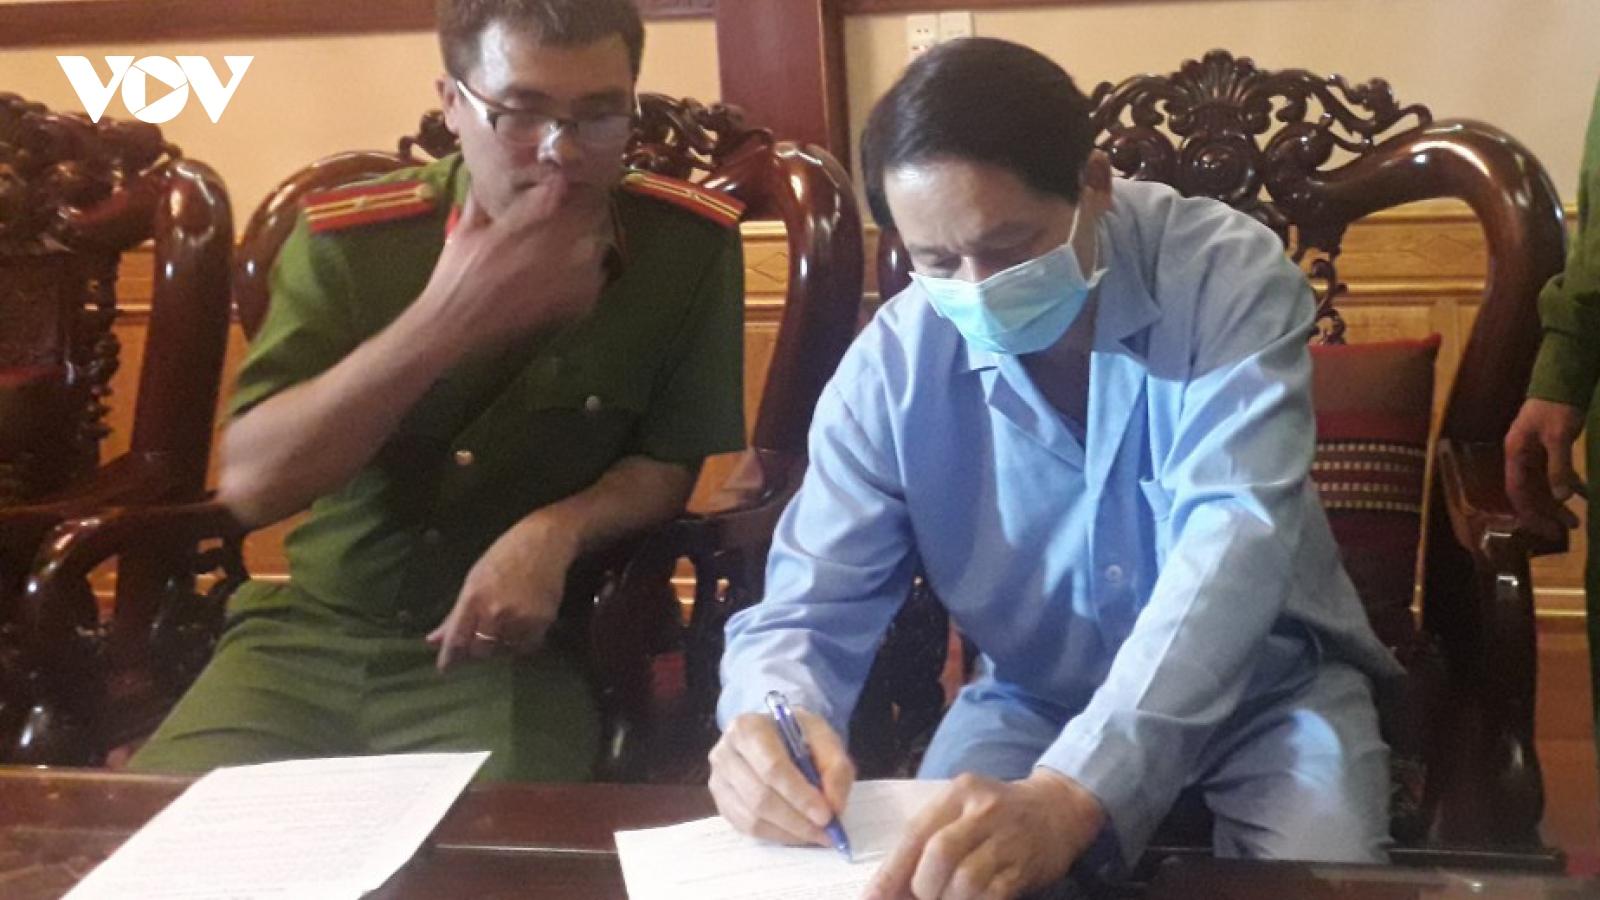 Sai phạm trong đấu thầu thuốc, thêm 2 cán bộ Sở Y tế Đắk Lắk bị khởi tố